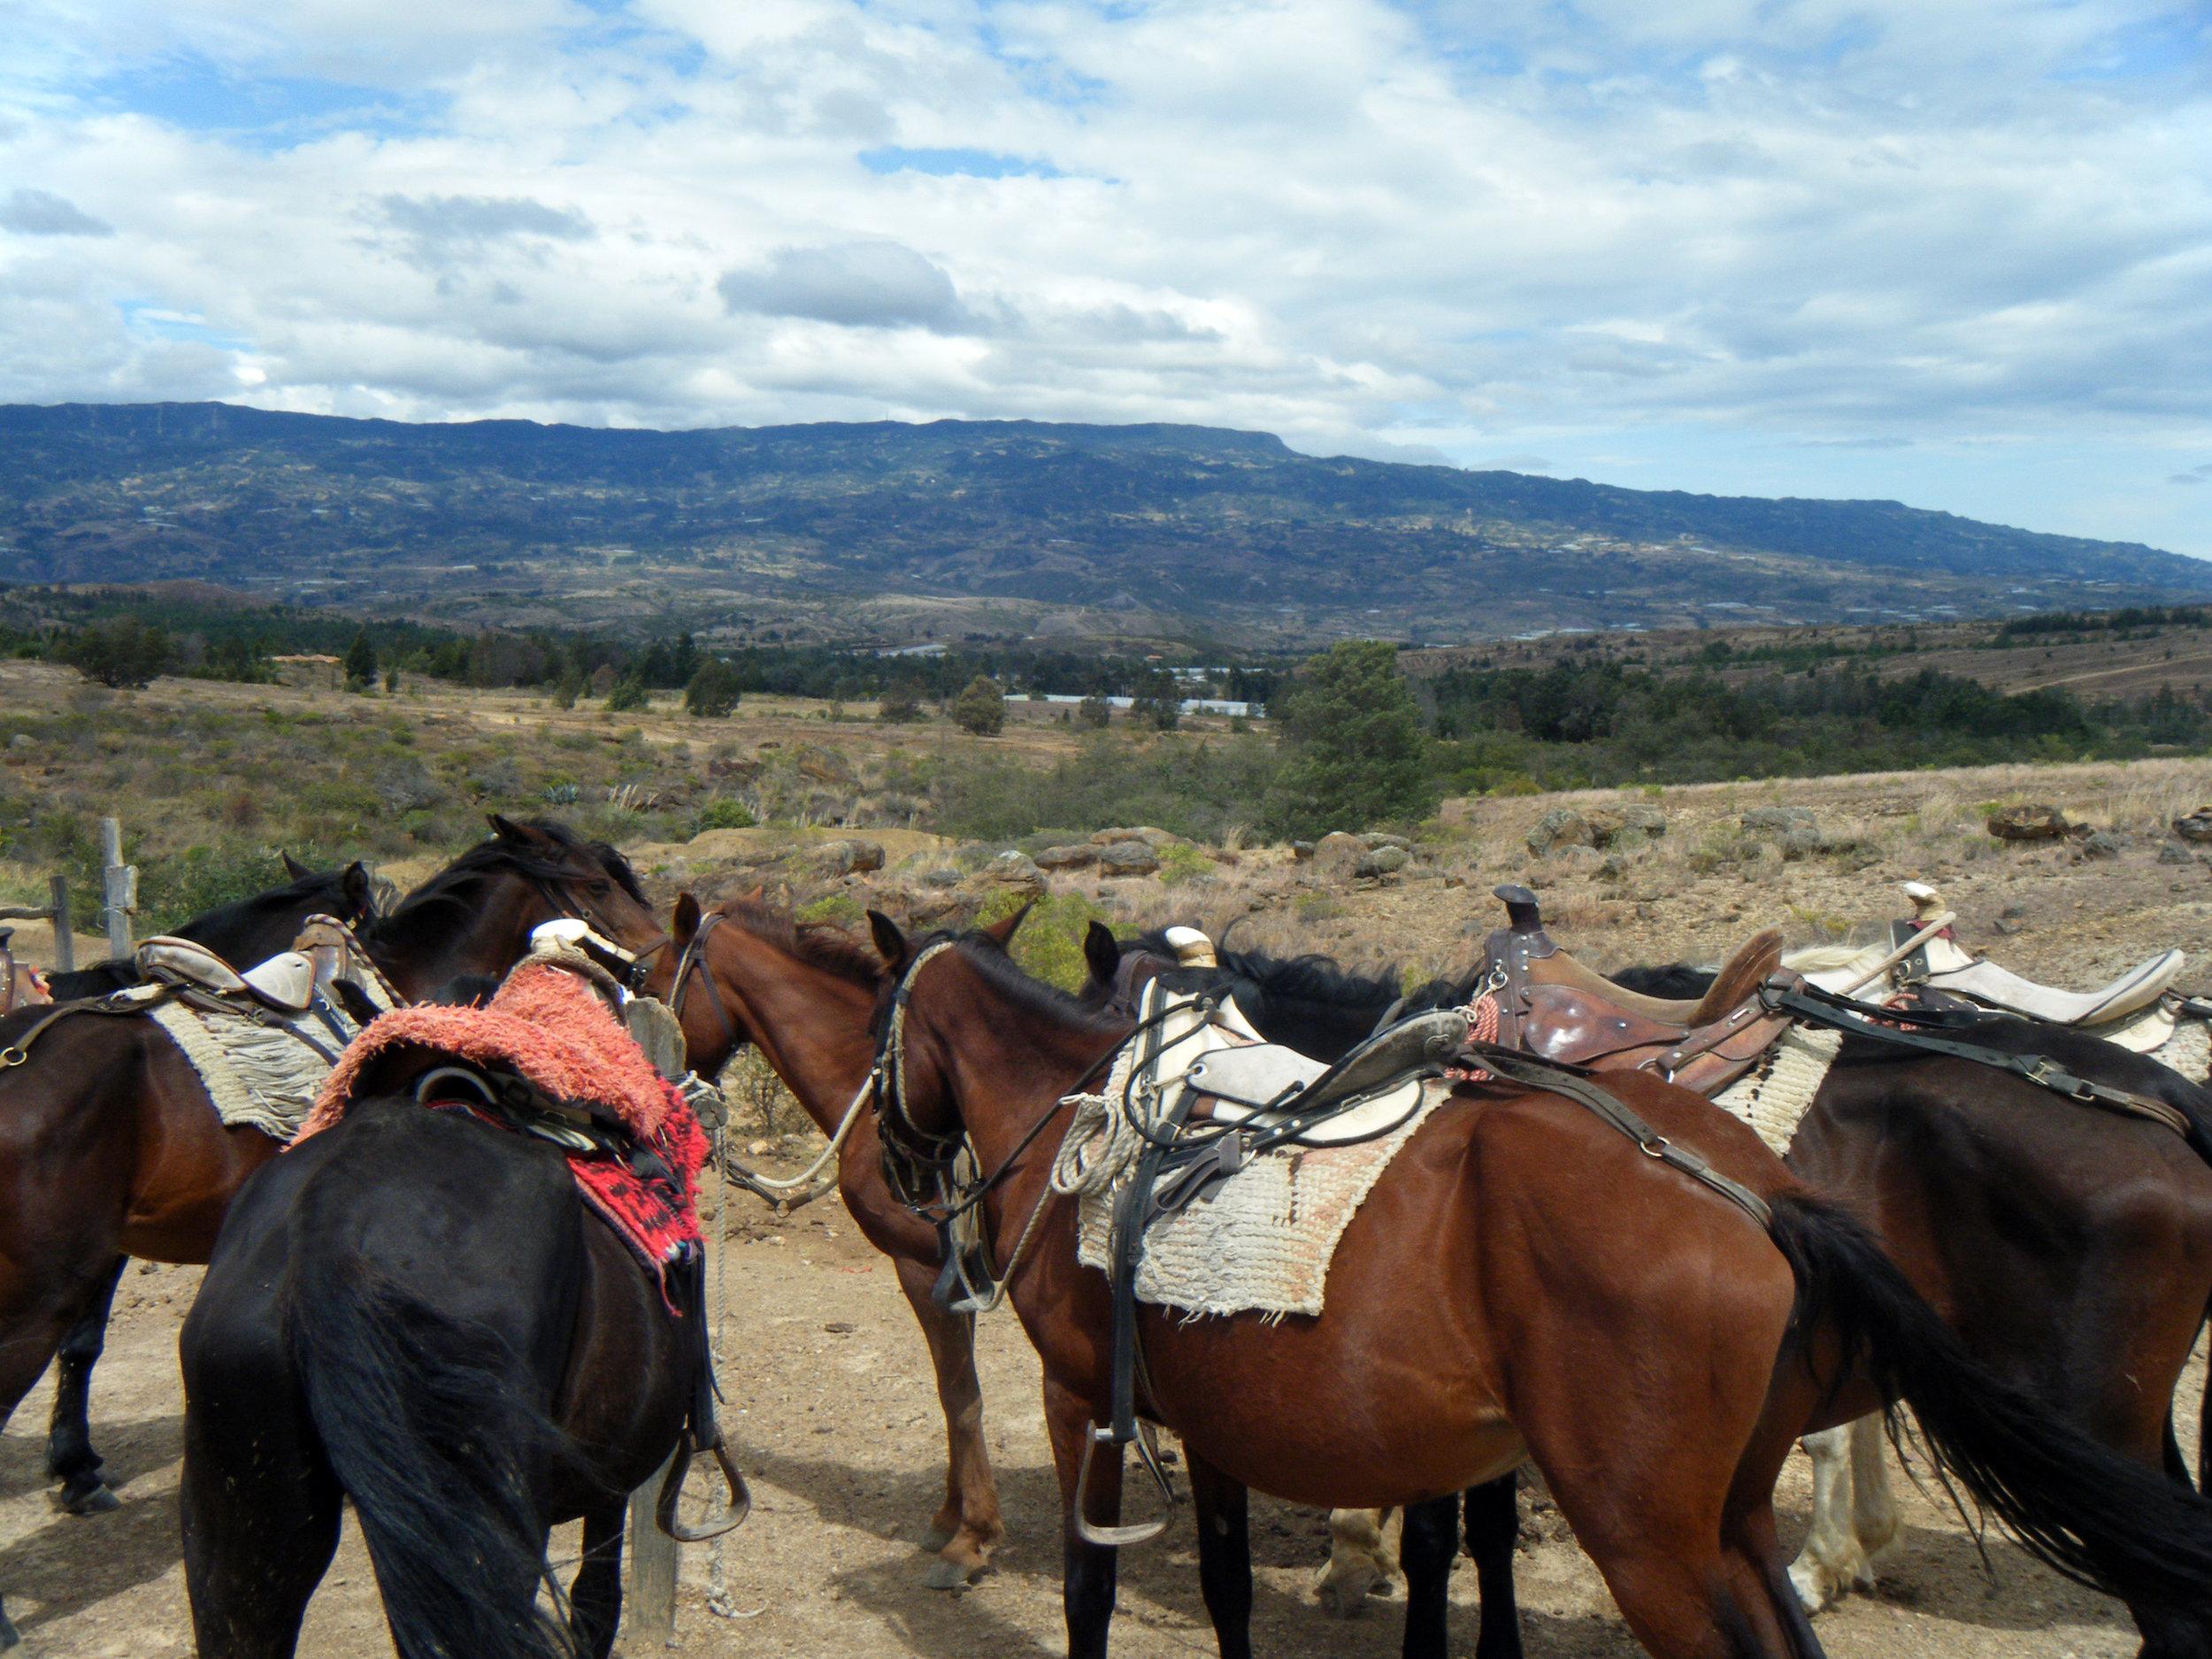 horseback riding in the desert.jpg